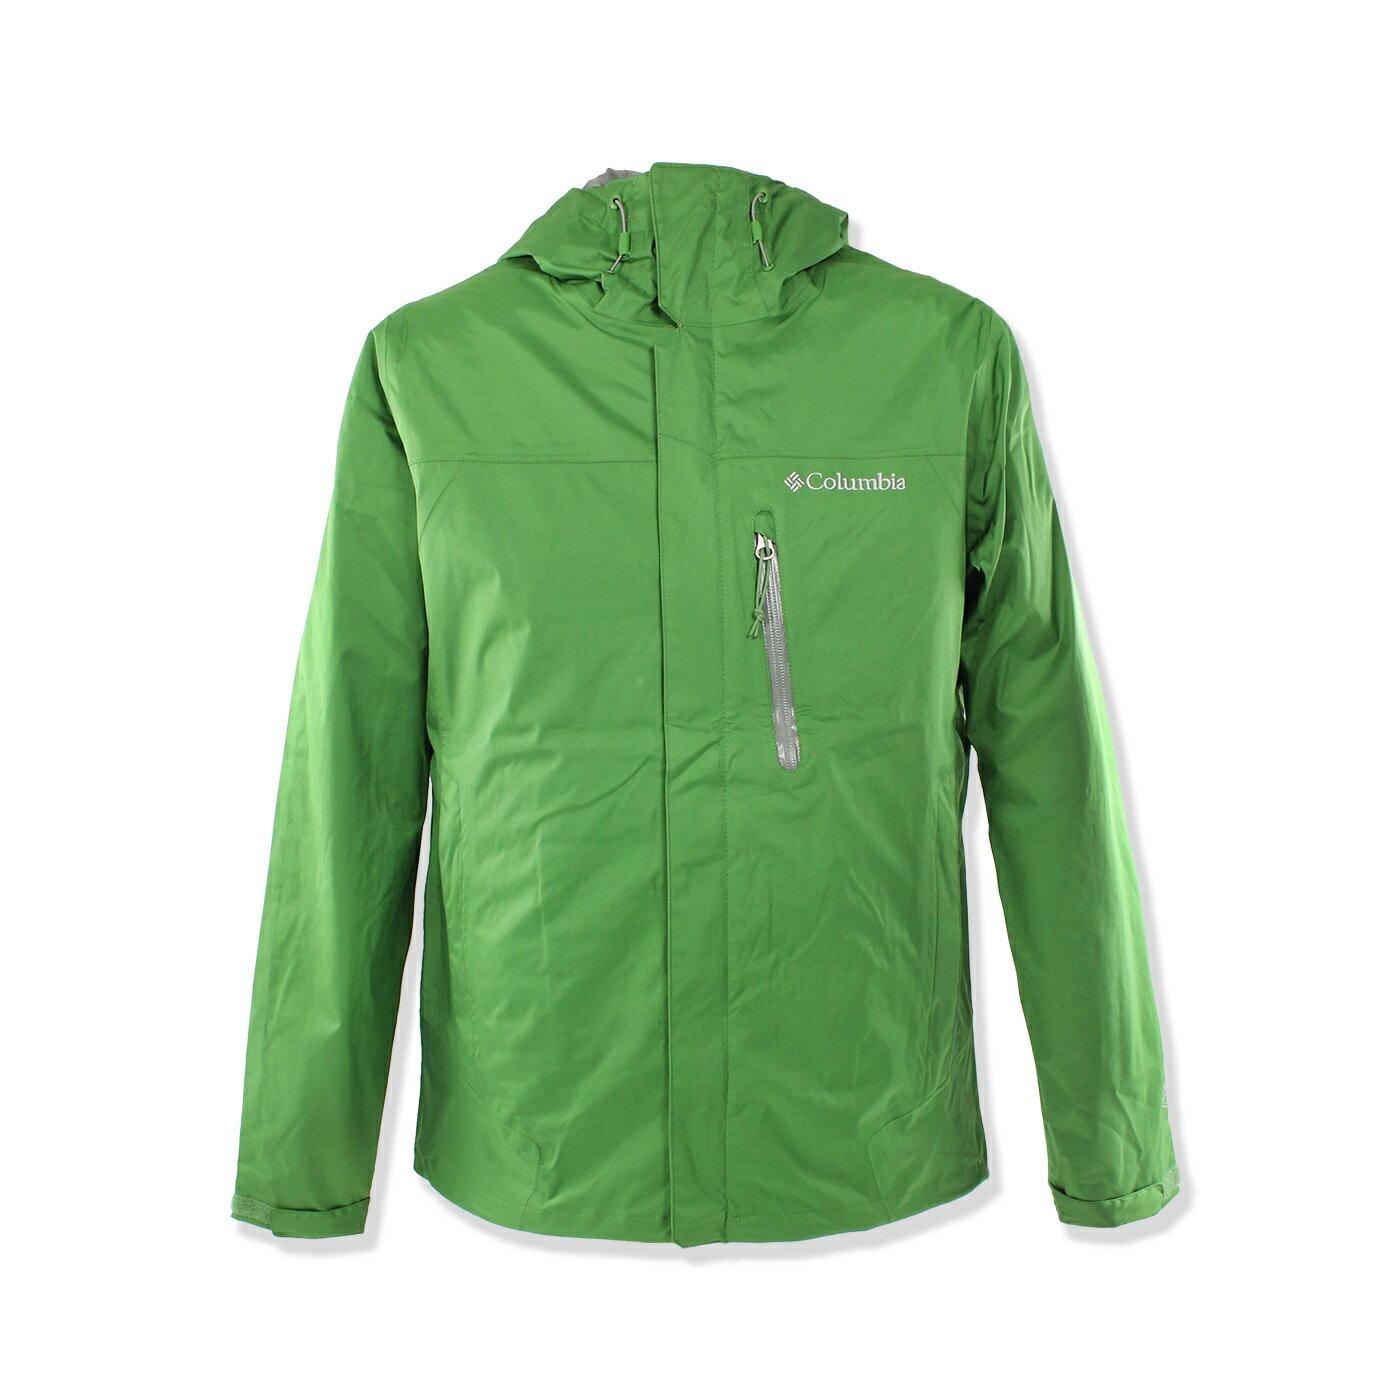 美國百分百【全新真品】Columbia 外套 哥倫比亞 連帽 防水 防風 快乾 輕量 透氣 綠色 男 M號 F679